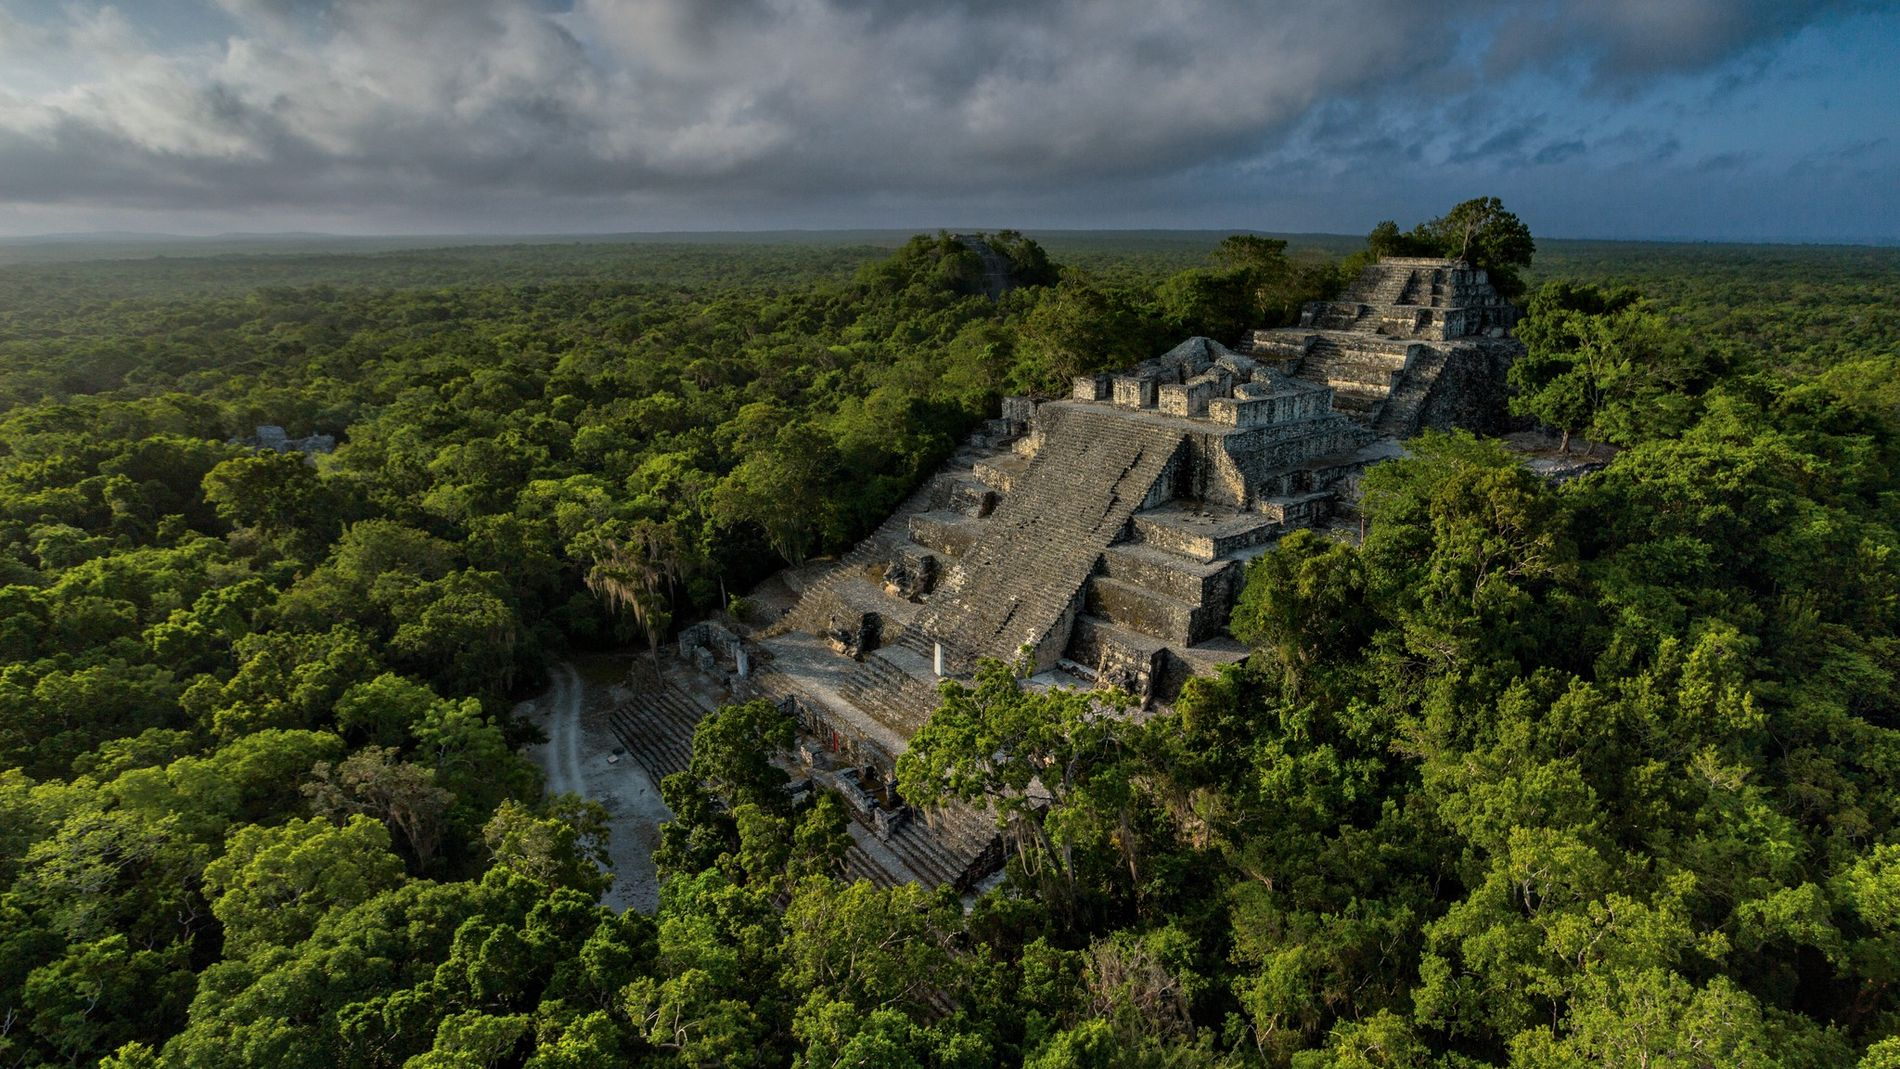 Découverte d'une ''mégalopole'' maya au Guatemala